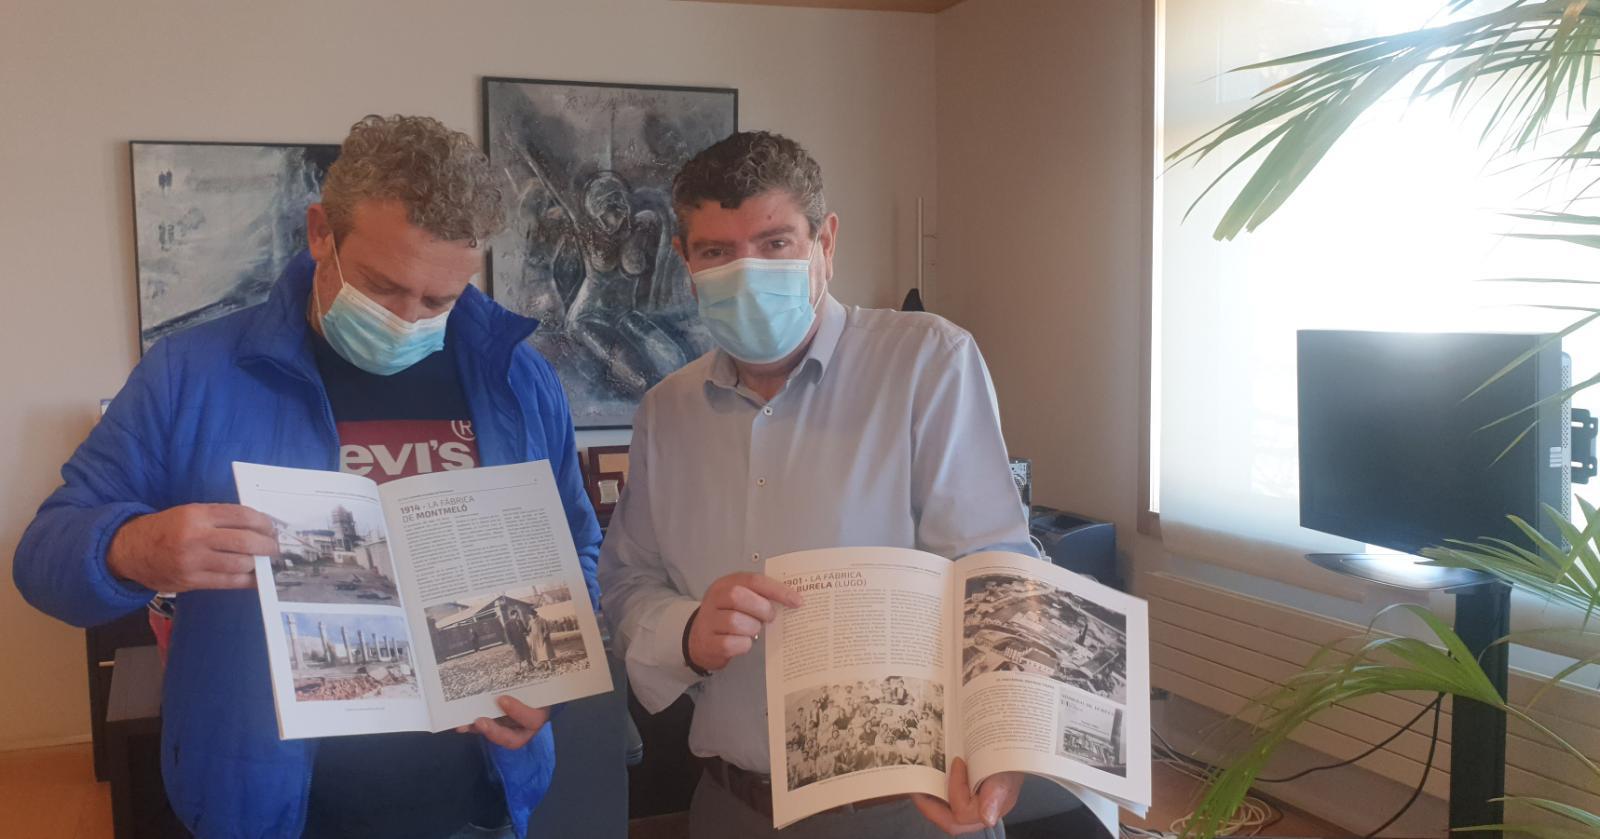 O Concello de Montmeló envía exemplares da publicación 'Redescubriendo la fábrica Cucurny' ao de Burela